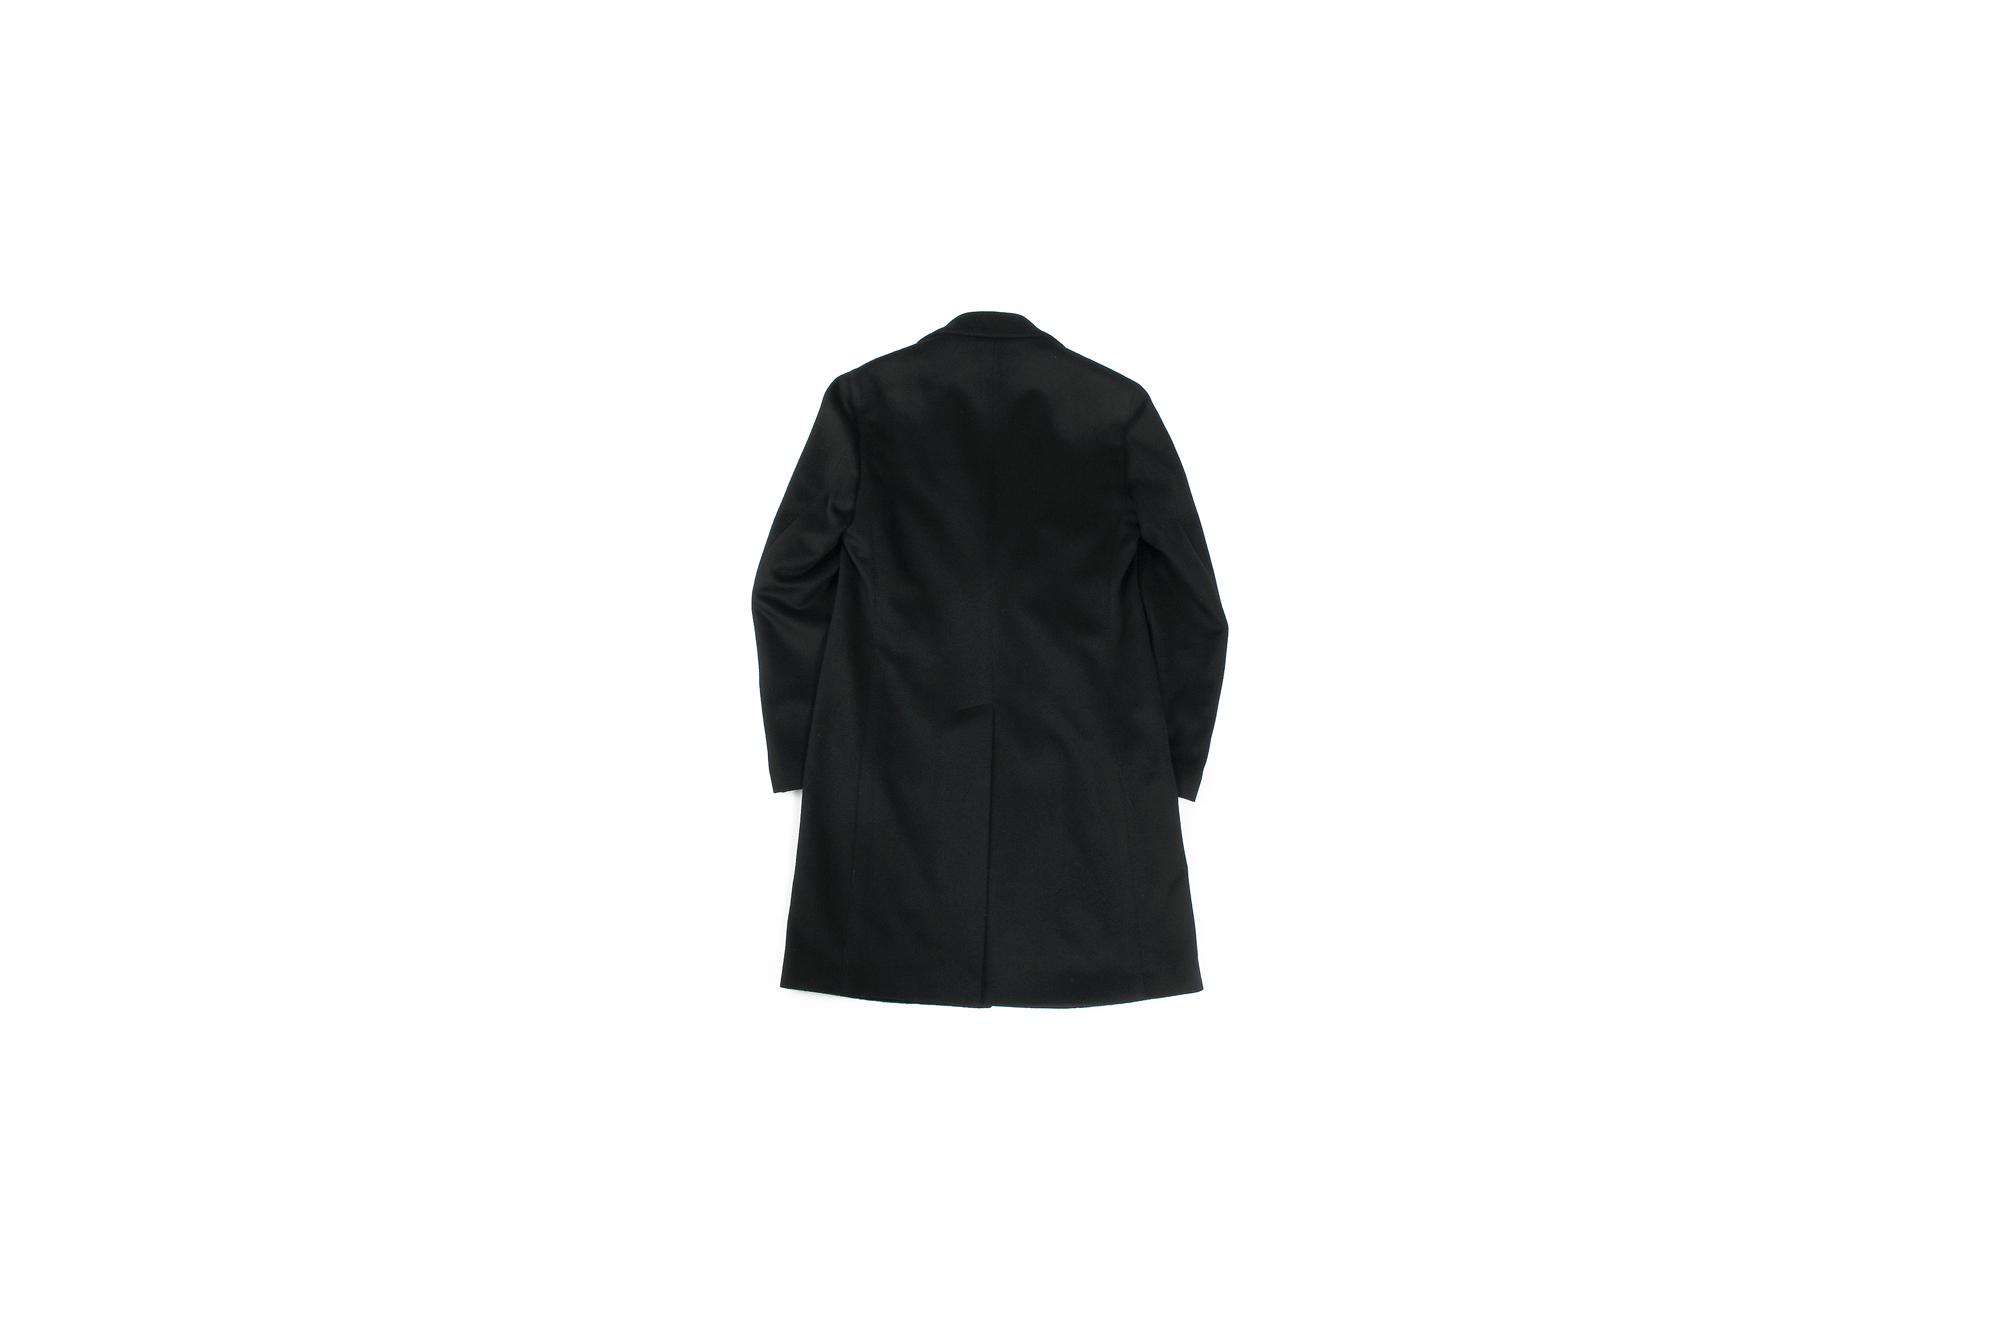 LARDINI (ラルディーニ) Cashmere Spolverino Chester coat (カシミヤ スポルベリーノ チェスターコート) カシミヤフラノ生地 シングル チェスターコート BLACK (ブラック・4) Made in italy (イタリア製) 2019 秋冬新作 愛知 名古屋 Altoediritto アルトエデリット コート ロングコート